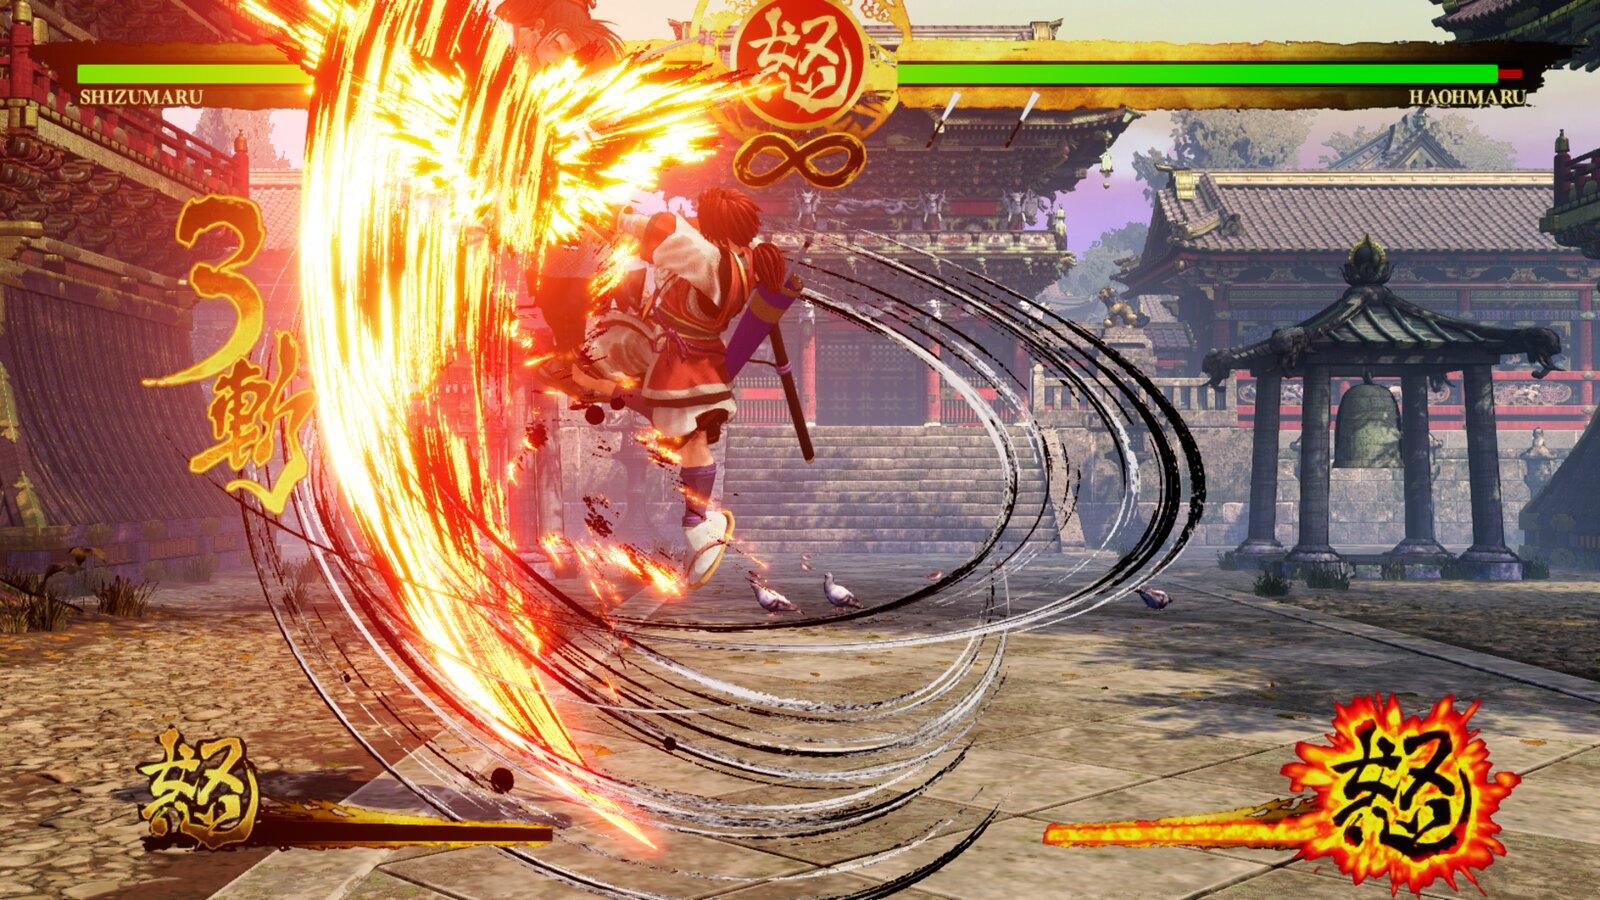 48724251228 84f9b87a6a h - Shizumaru ist ab nächster Woche neu im Team von Samurai Shodown